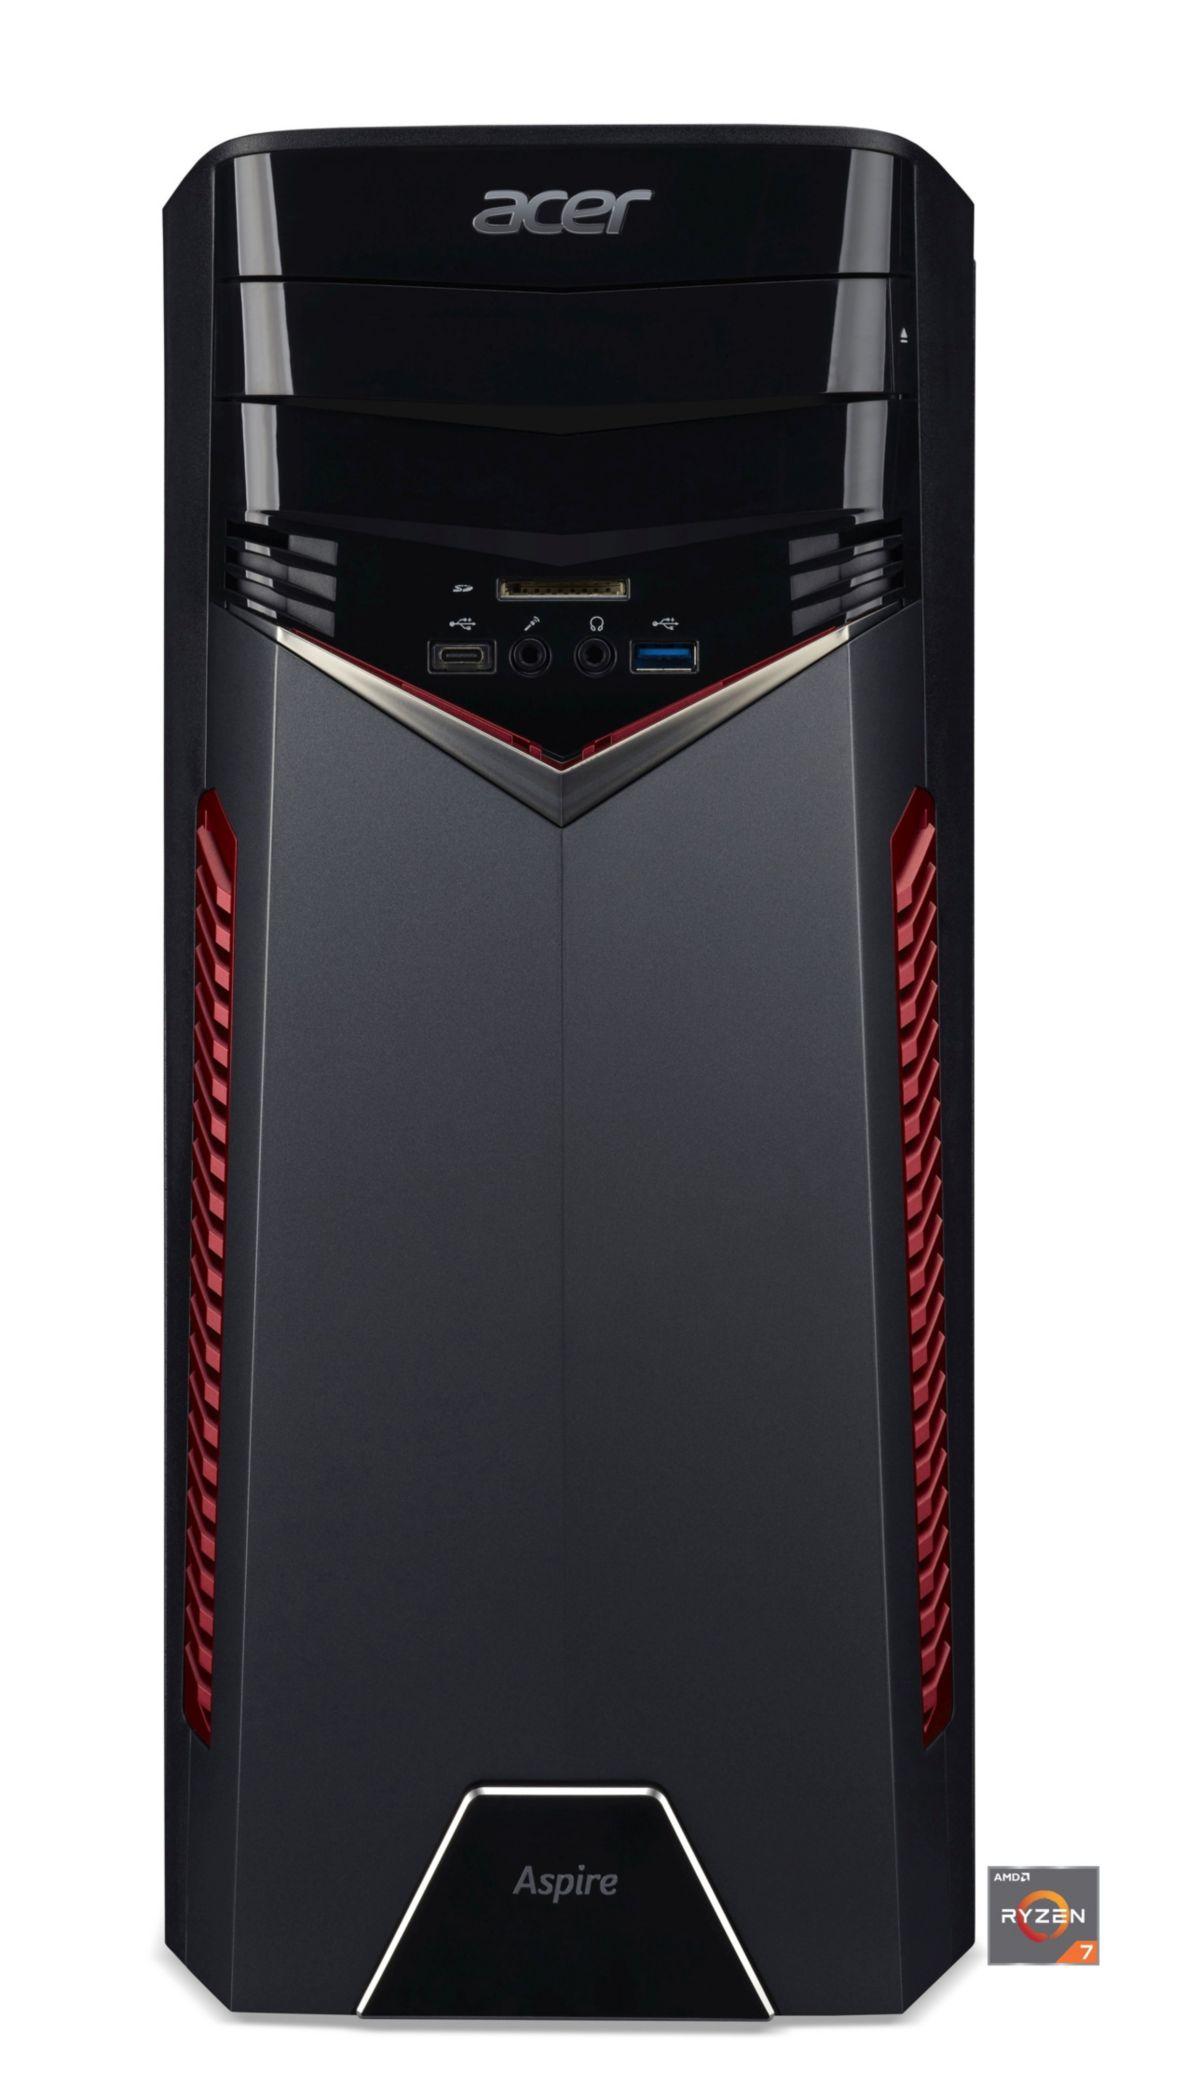 ACER Aspire GX 281 Desktop PC AMD Ryzen 7 RX 480 1 TB HDD 8 GB